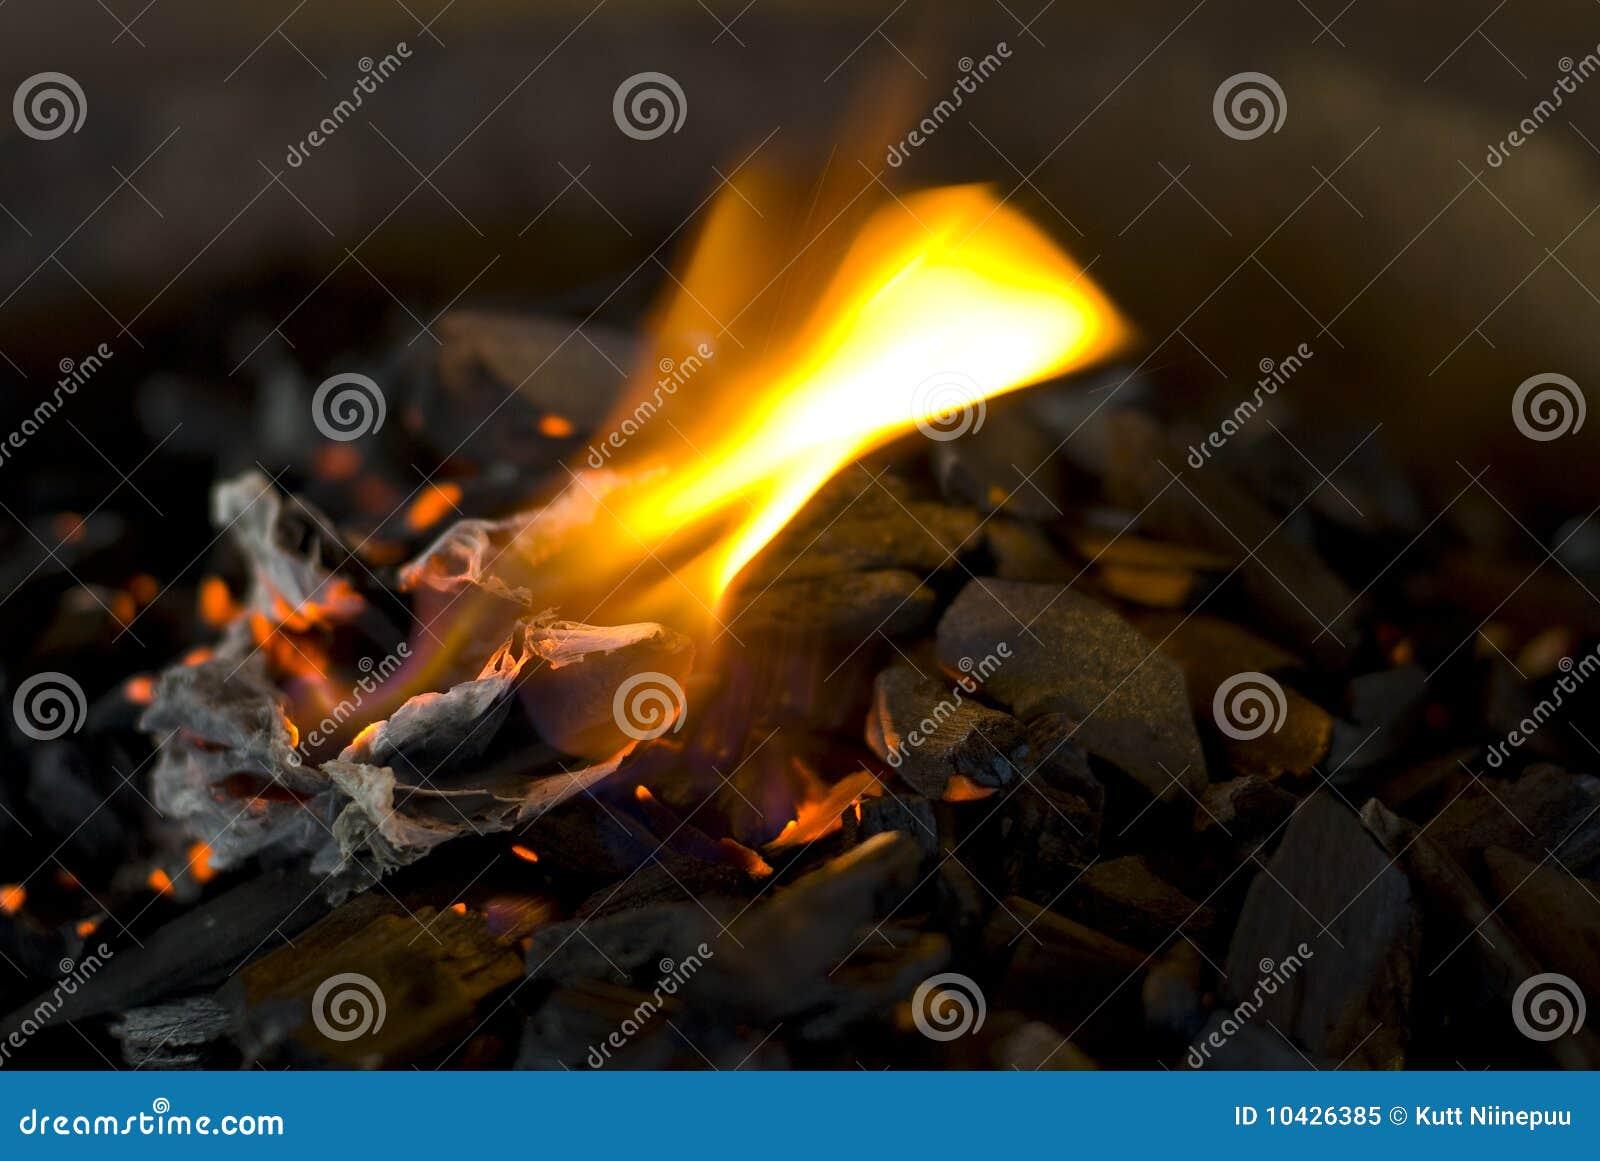 采煤发火焰热